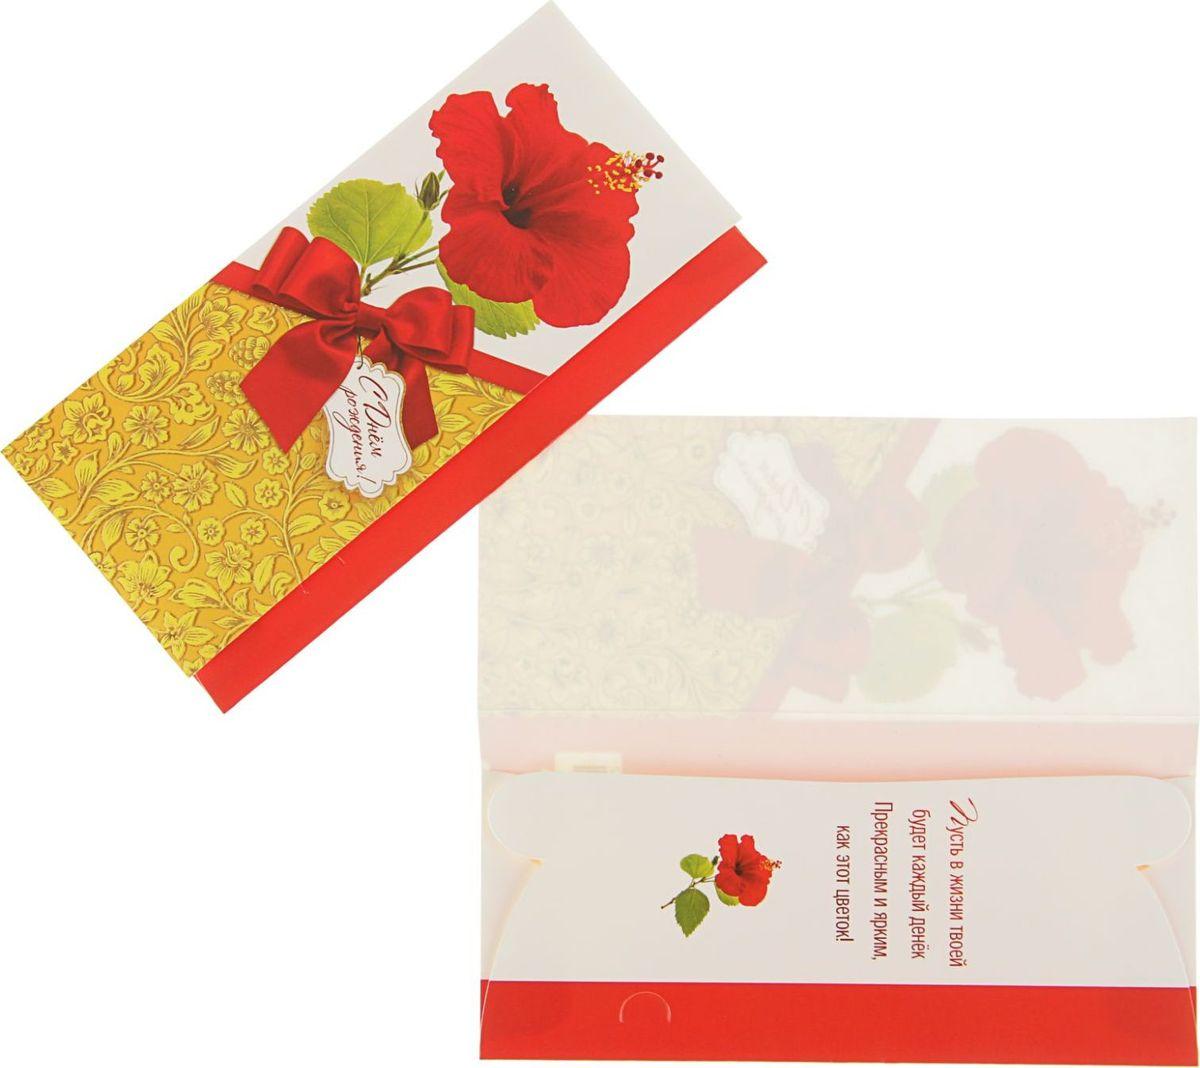 Конверт для денег Гранд Дизайн С Днем Рождения! Красный цветок, узор, 16,3 х 8,3 см2422954Невозможно представить нашу жизнь без праздников! Мы всегда ждём их и предвкушаем, обдумываем, как проведём памятный день, тщательно выбираем подарки и аксессуары, ведь именно они создают и поддерживают торжественный настрой. Этот конверт для денег - отличный выбор, который привнесёт атмосферу праздника в ваш дом!